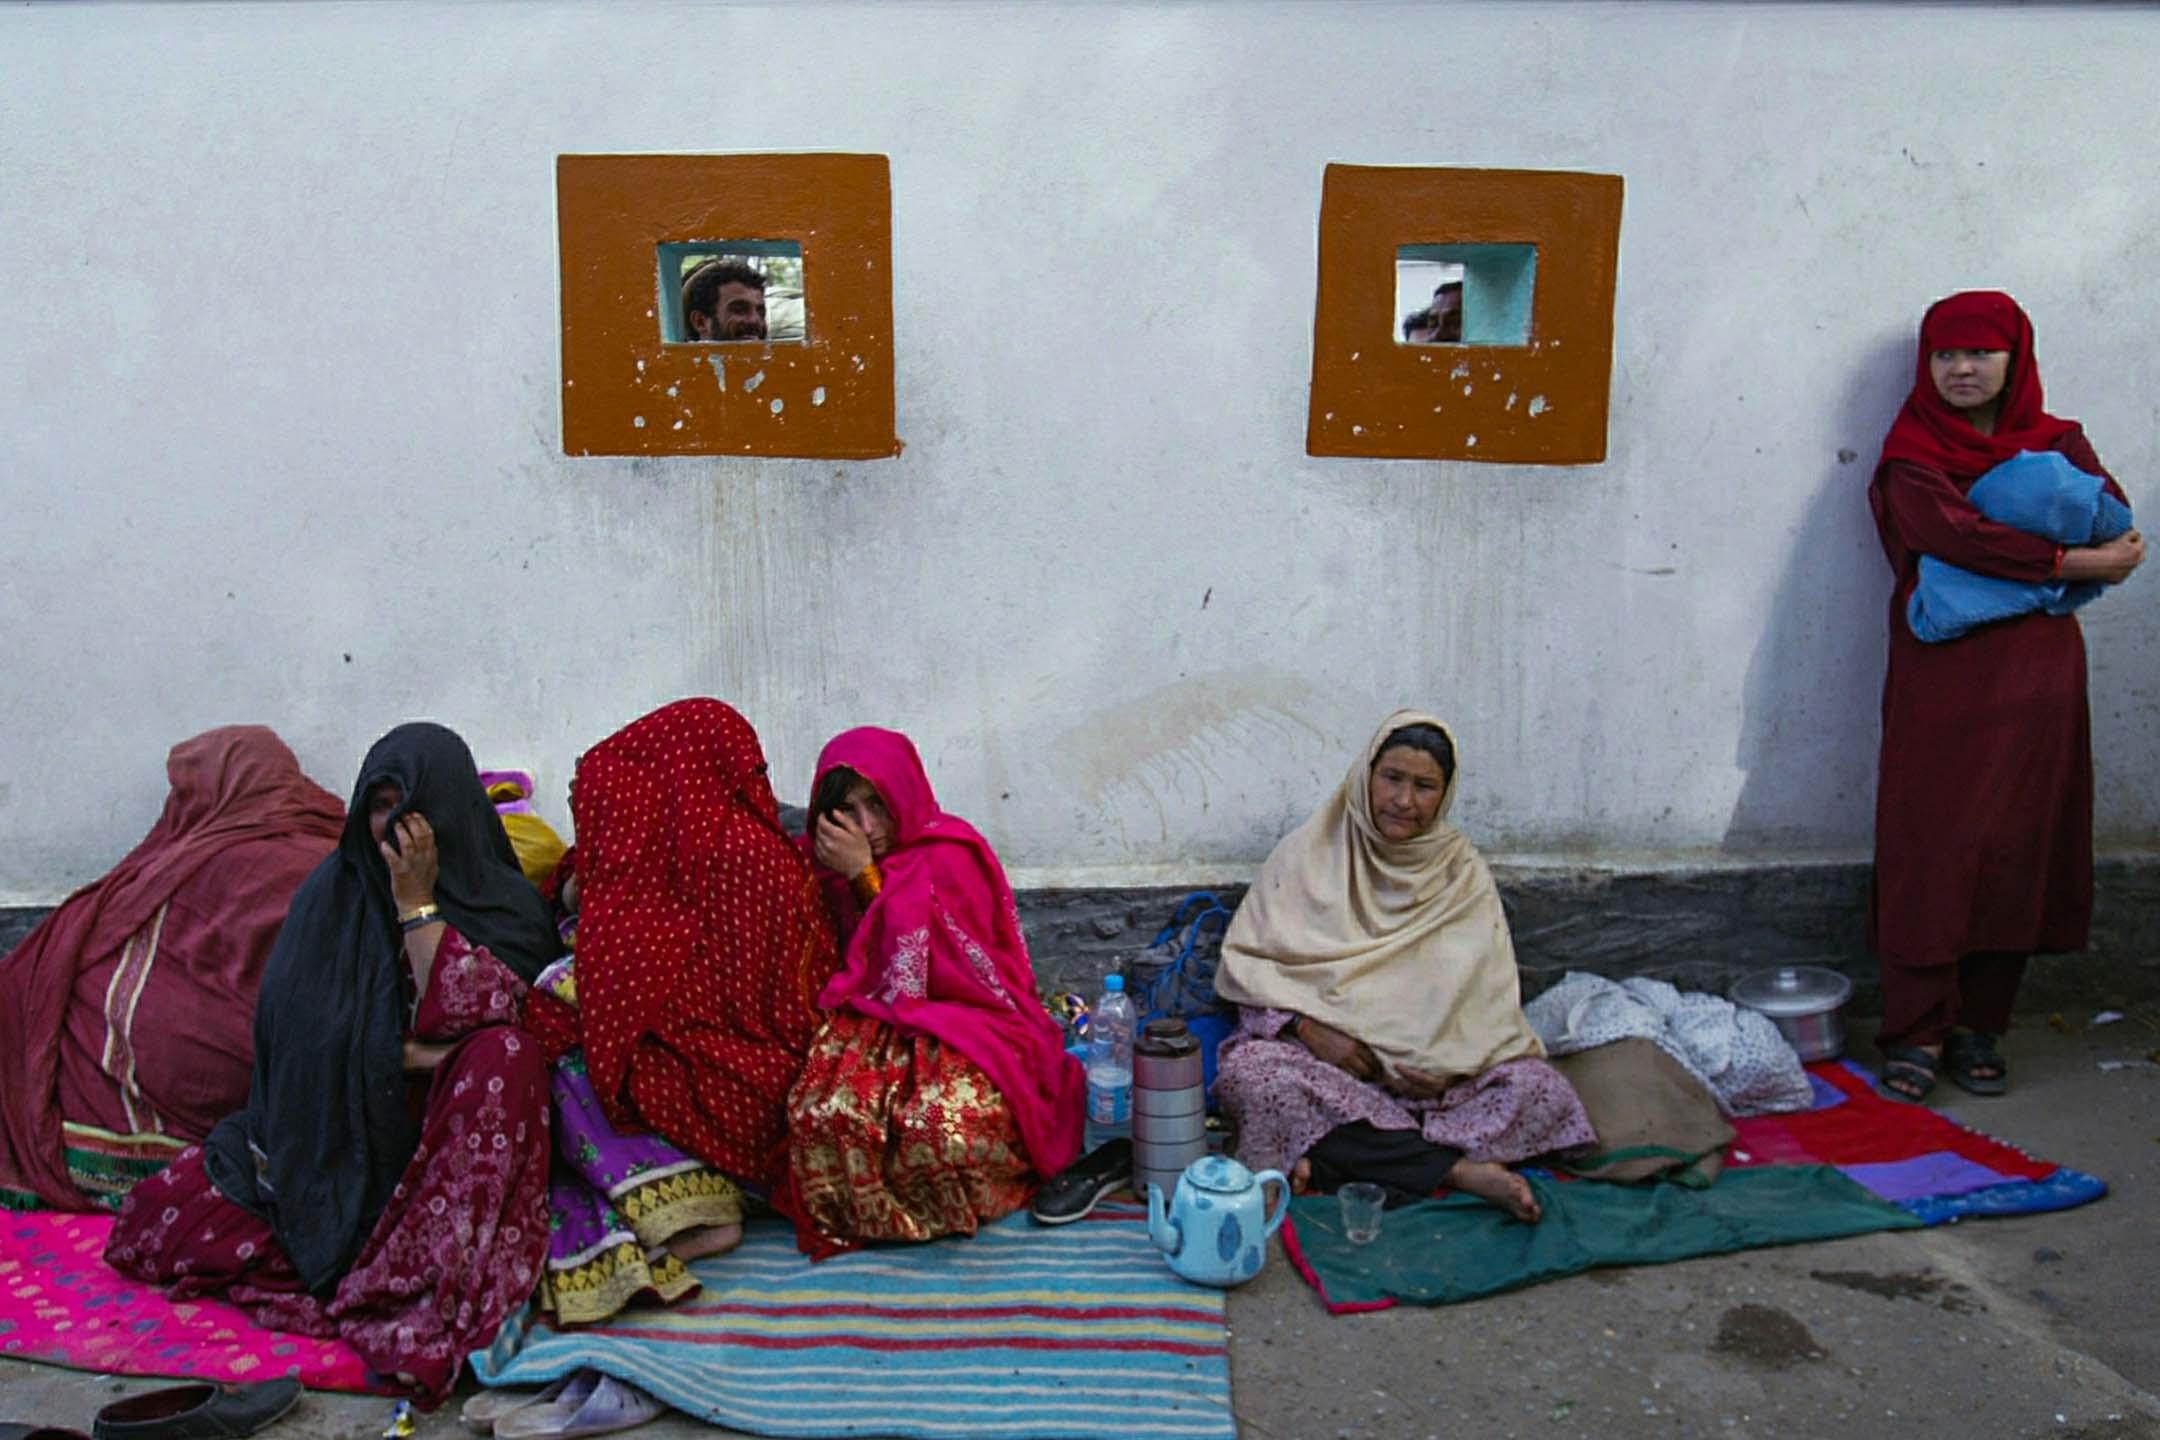 2004年6月阿富汗喀布爾,準父親在分娩室門外等候,而婦女則被允許進入庭院。